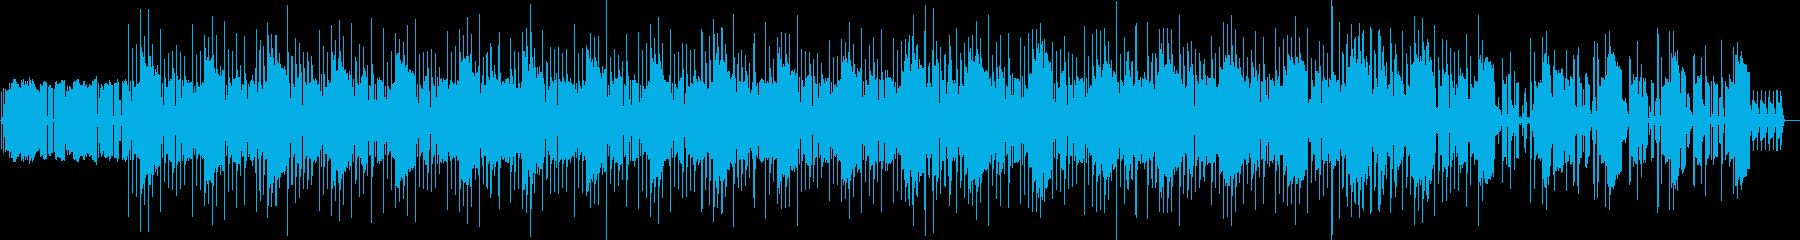 クールなミドルテンポのミニマルテクノの再生済みの波形